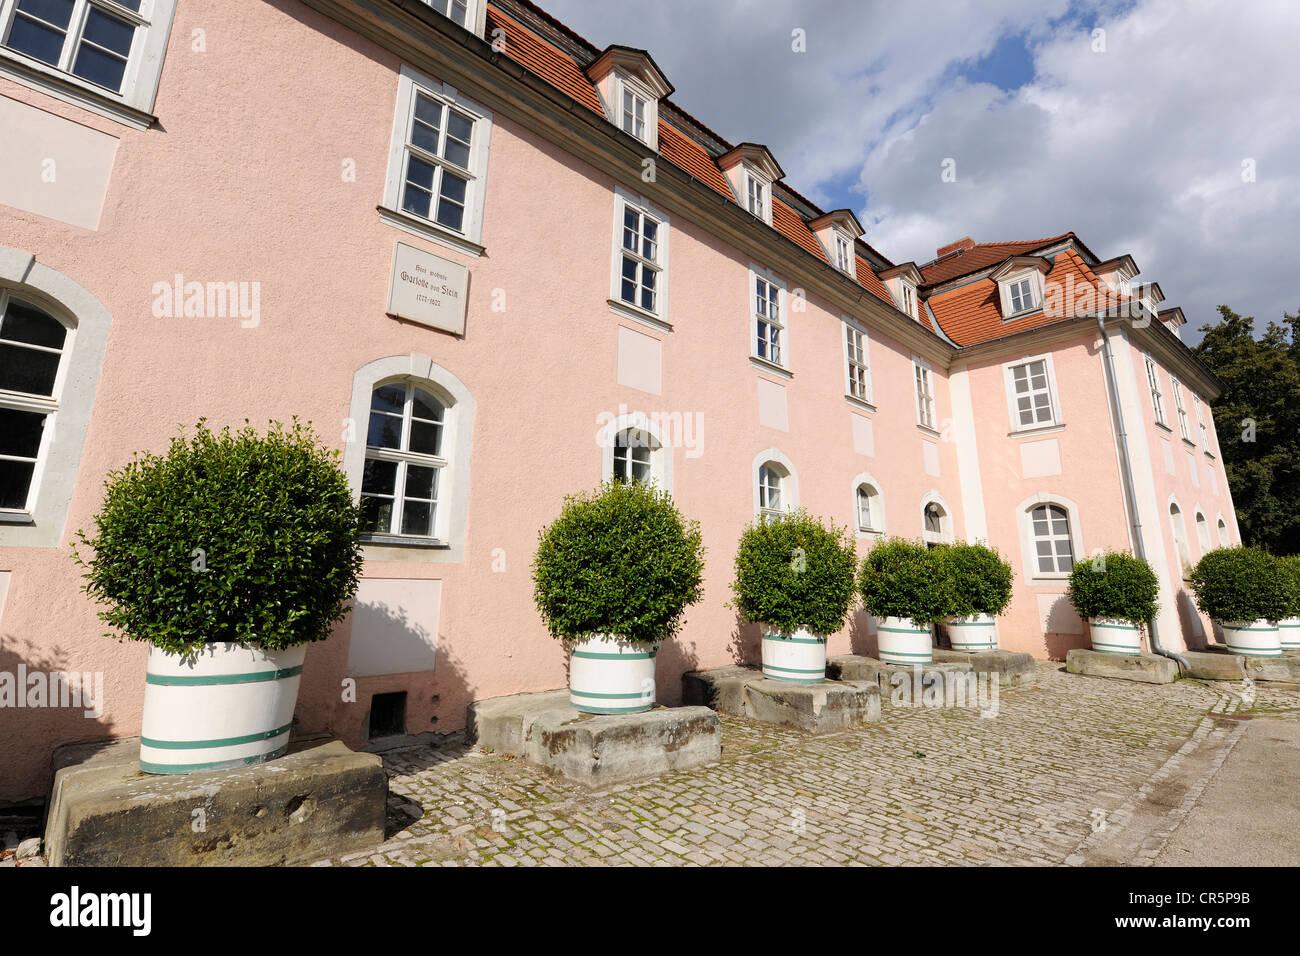 Ehemalige Residenz der Charlotte von Stein in Weimar, Thüringen, Deutschland, Europa Stockbild